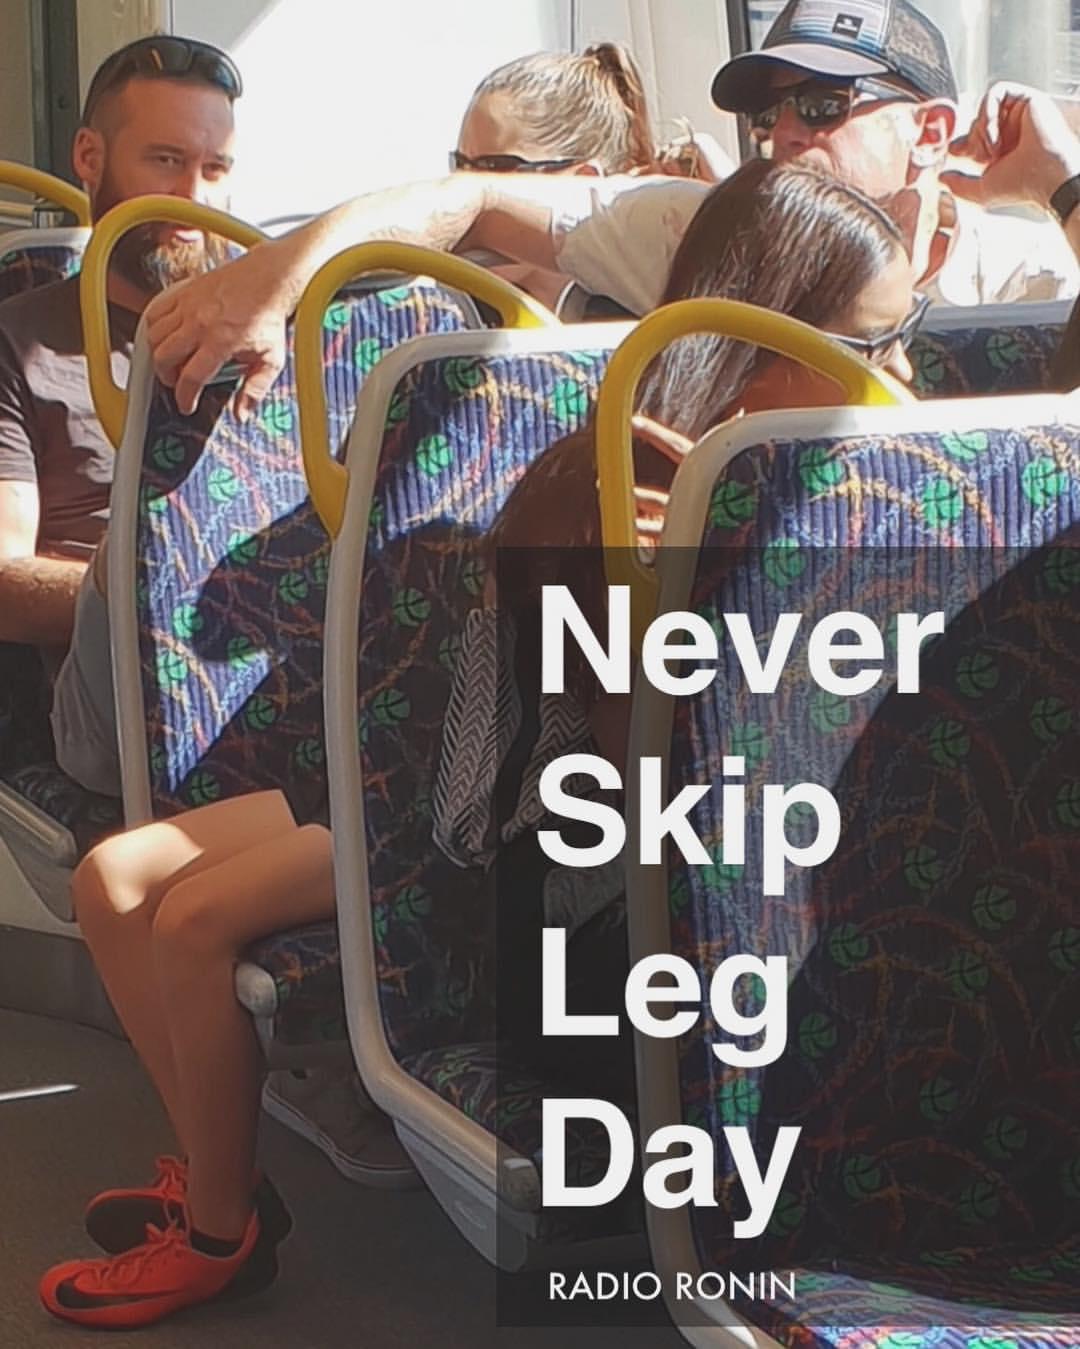 Never Skip Leg Day Meme Ahseeit